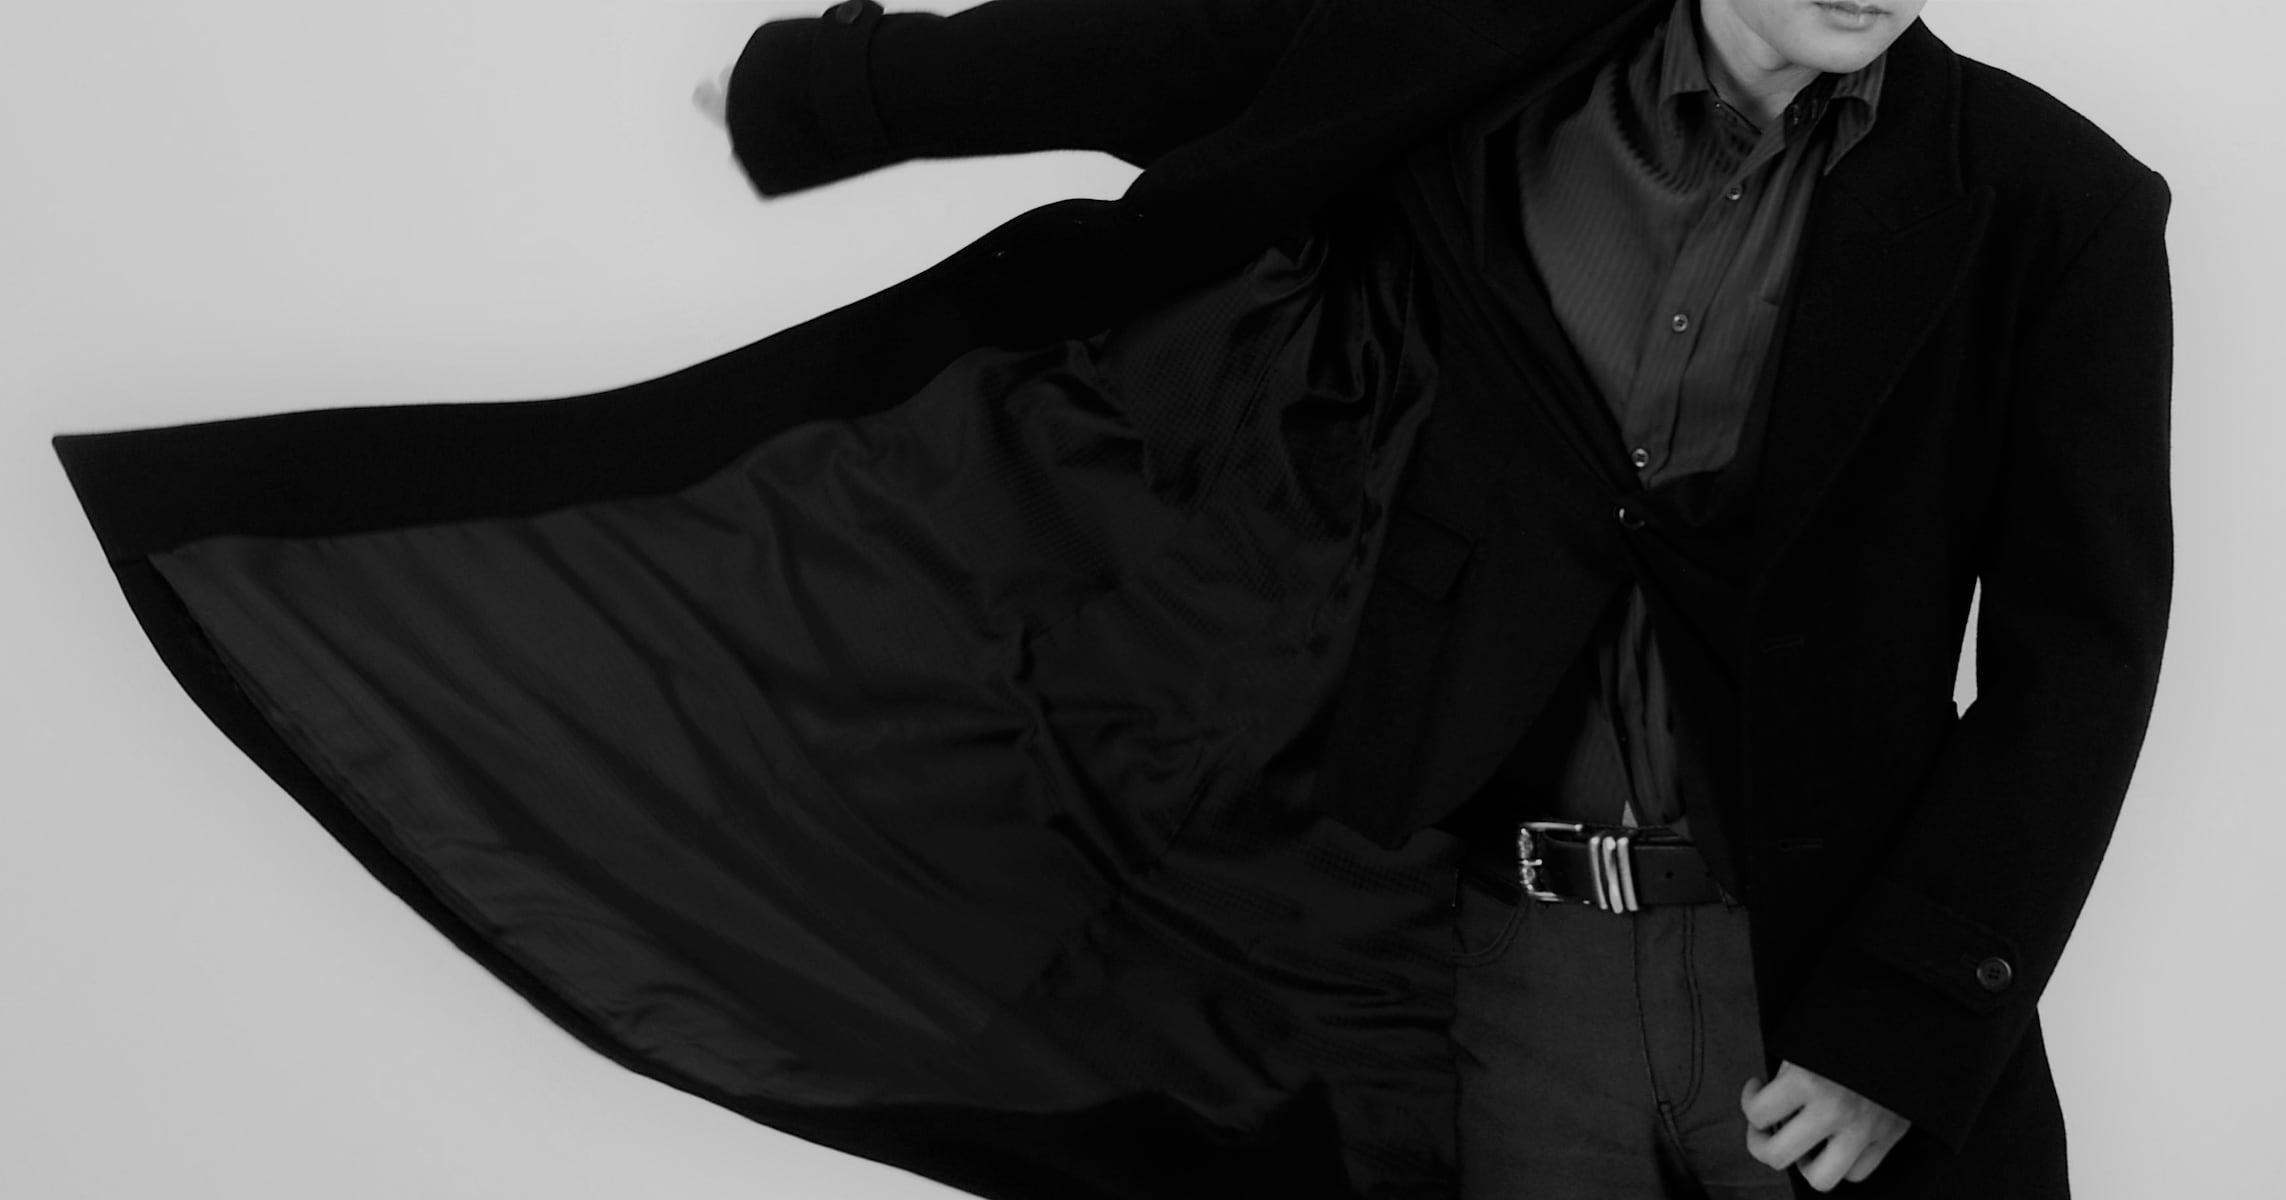 【名探偵コナン】遊園地でナニしてんの? 「黒の組織」幹部・ジンがドジすぎる話